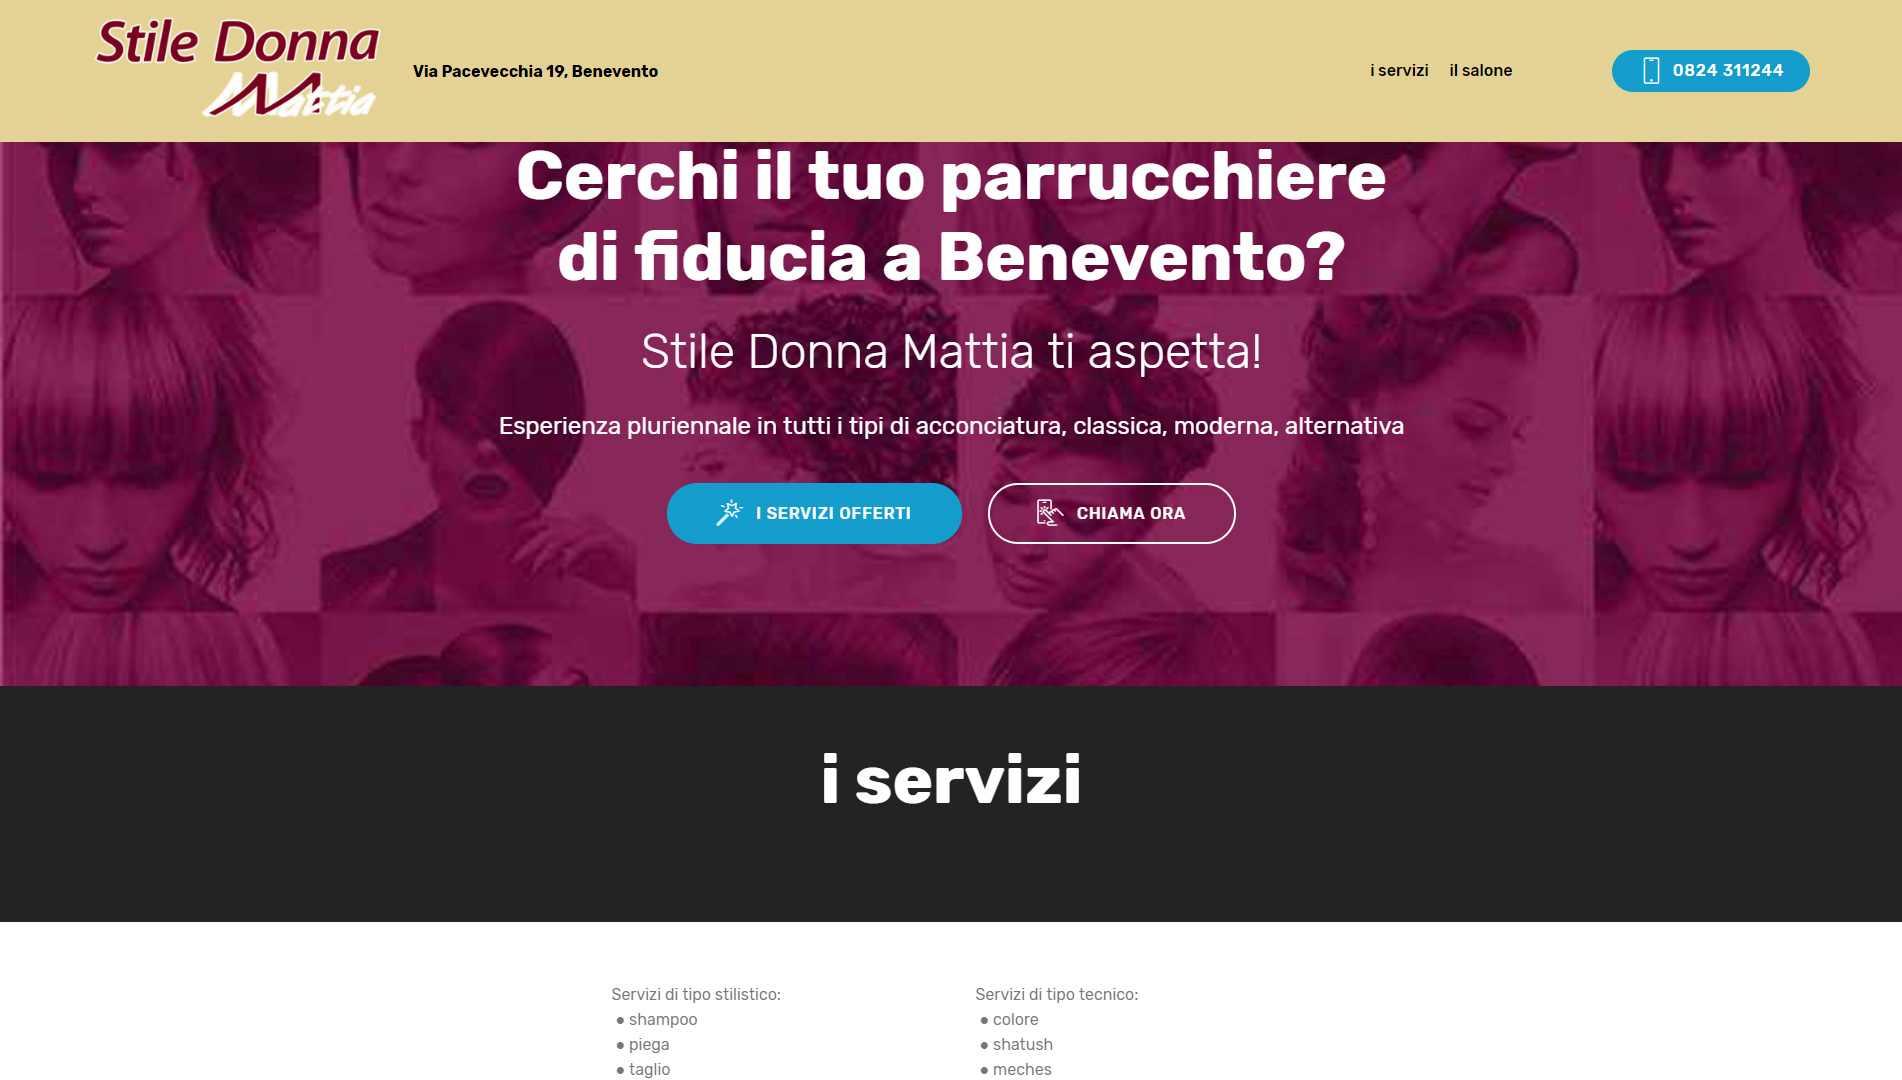 Sito Web Stile Donna Mattia Parrucchiere a Benevento